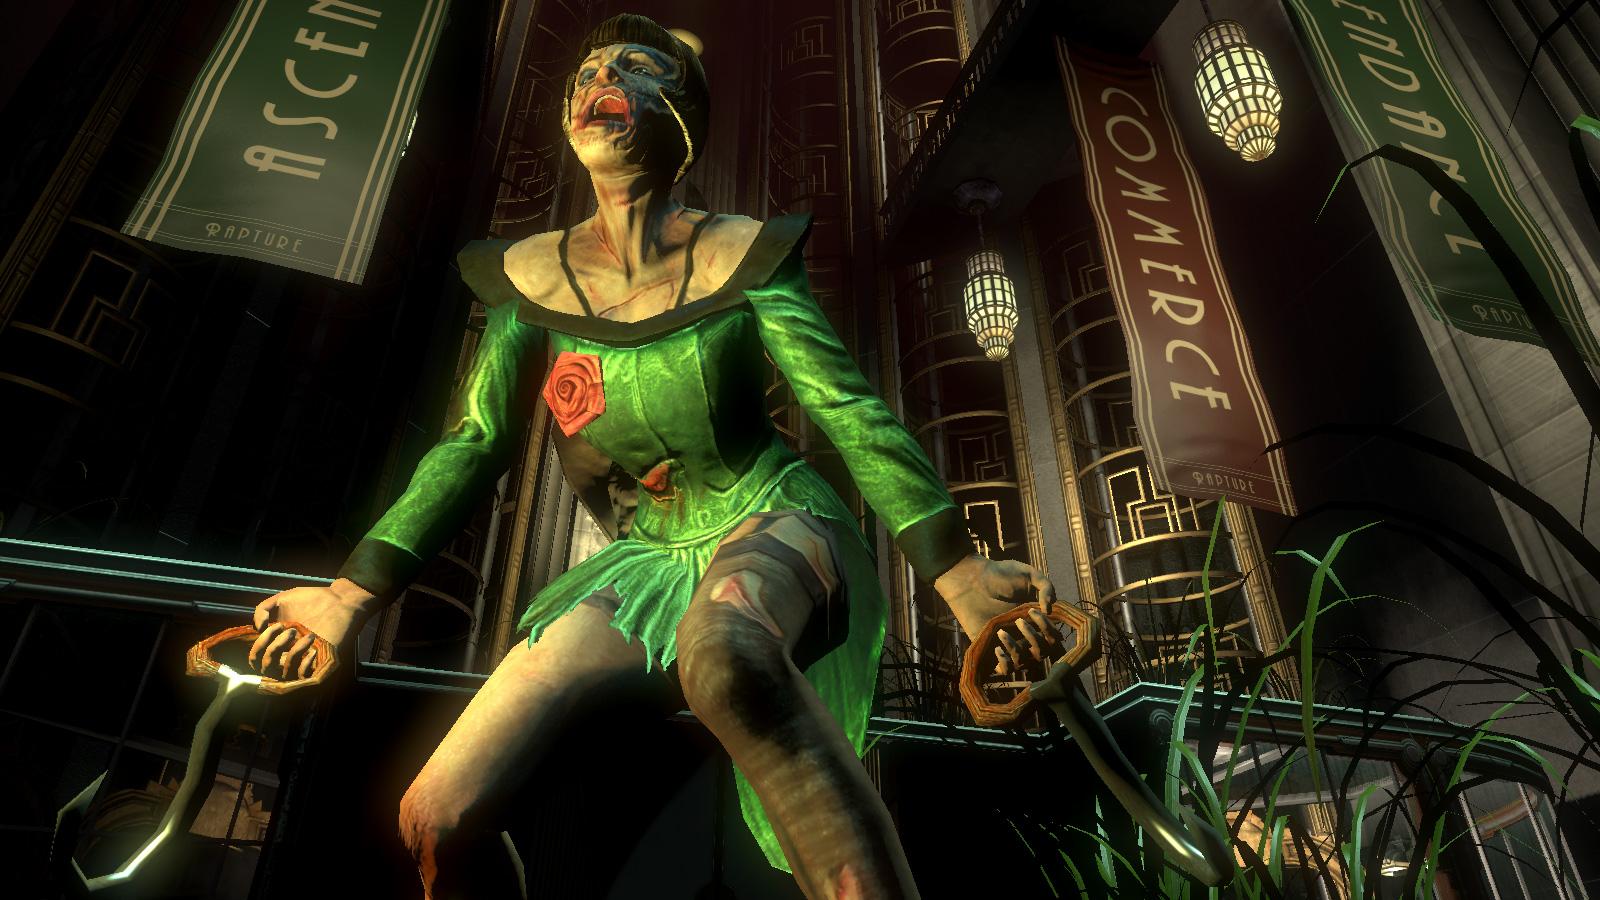 Splicer bioshock wiki fandom powered by wikia - Bioshock wikia ...